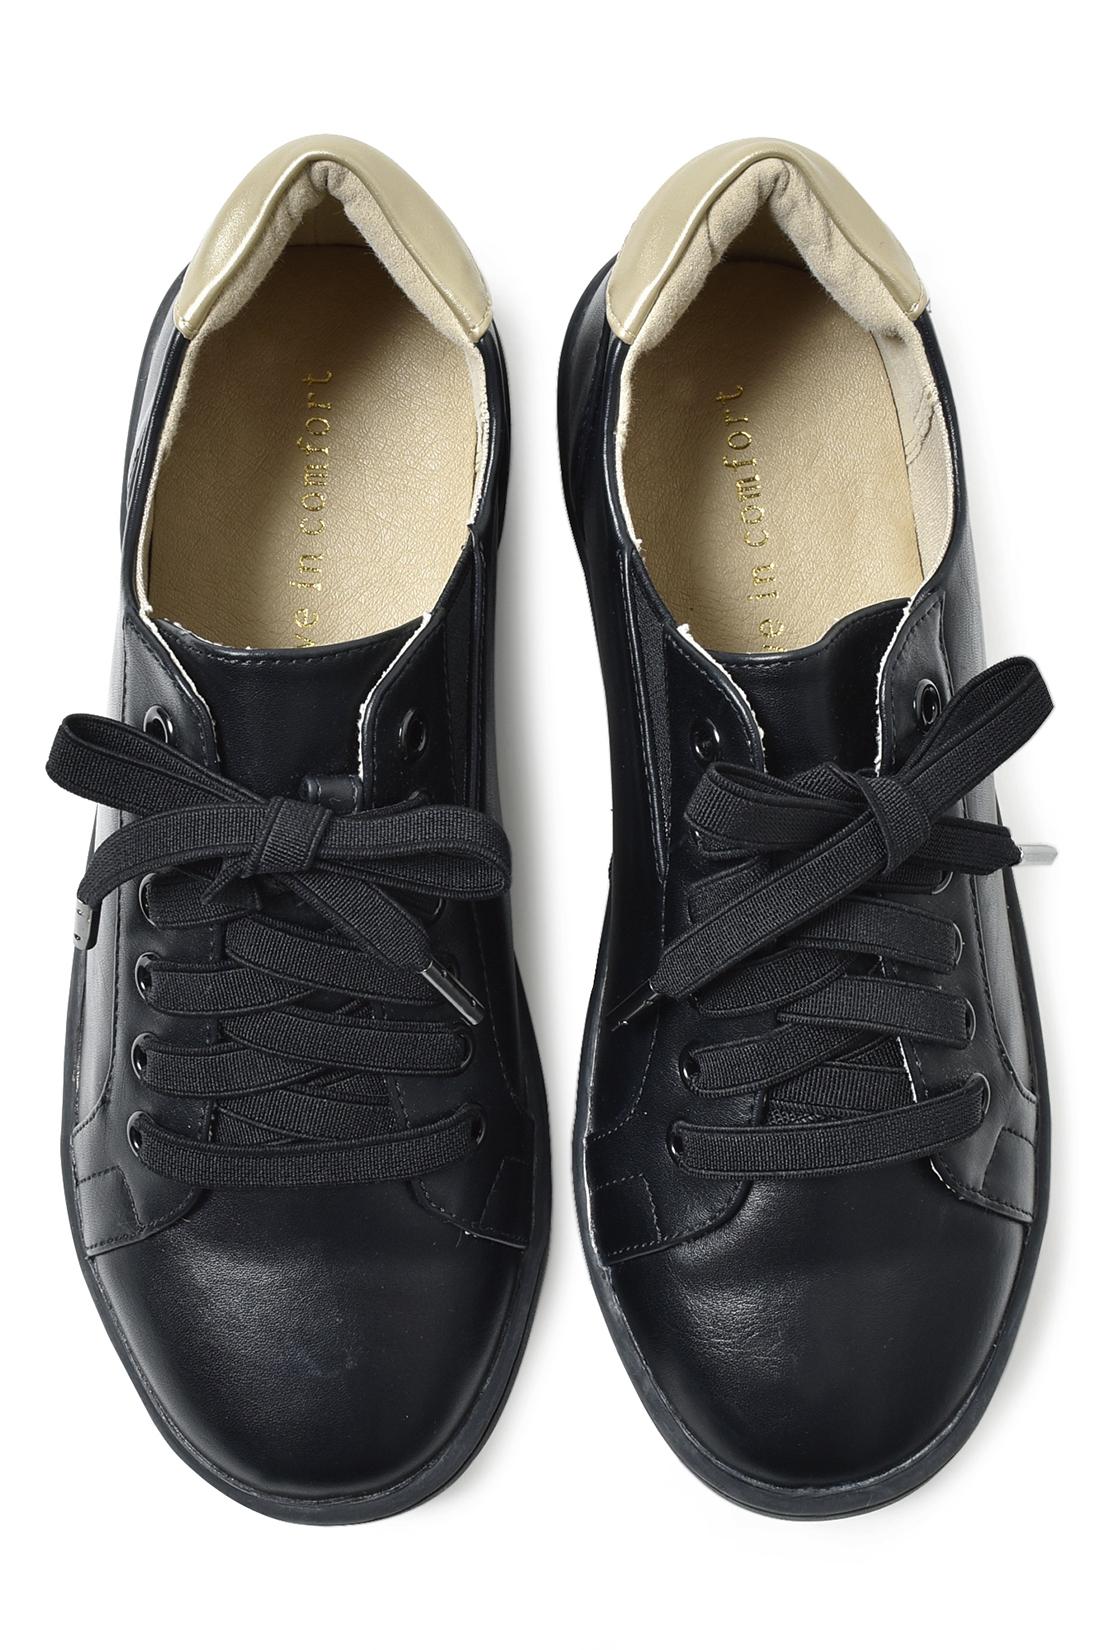 足もとをキリリと引き締める〈ブラック〉 ふかふかのかかとクッション&中敷きでやさしい歩き心地をキープ。同色のはとめやかかとのゴールドの配色など、大人っぽいディティールにも注目。